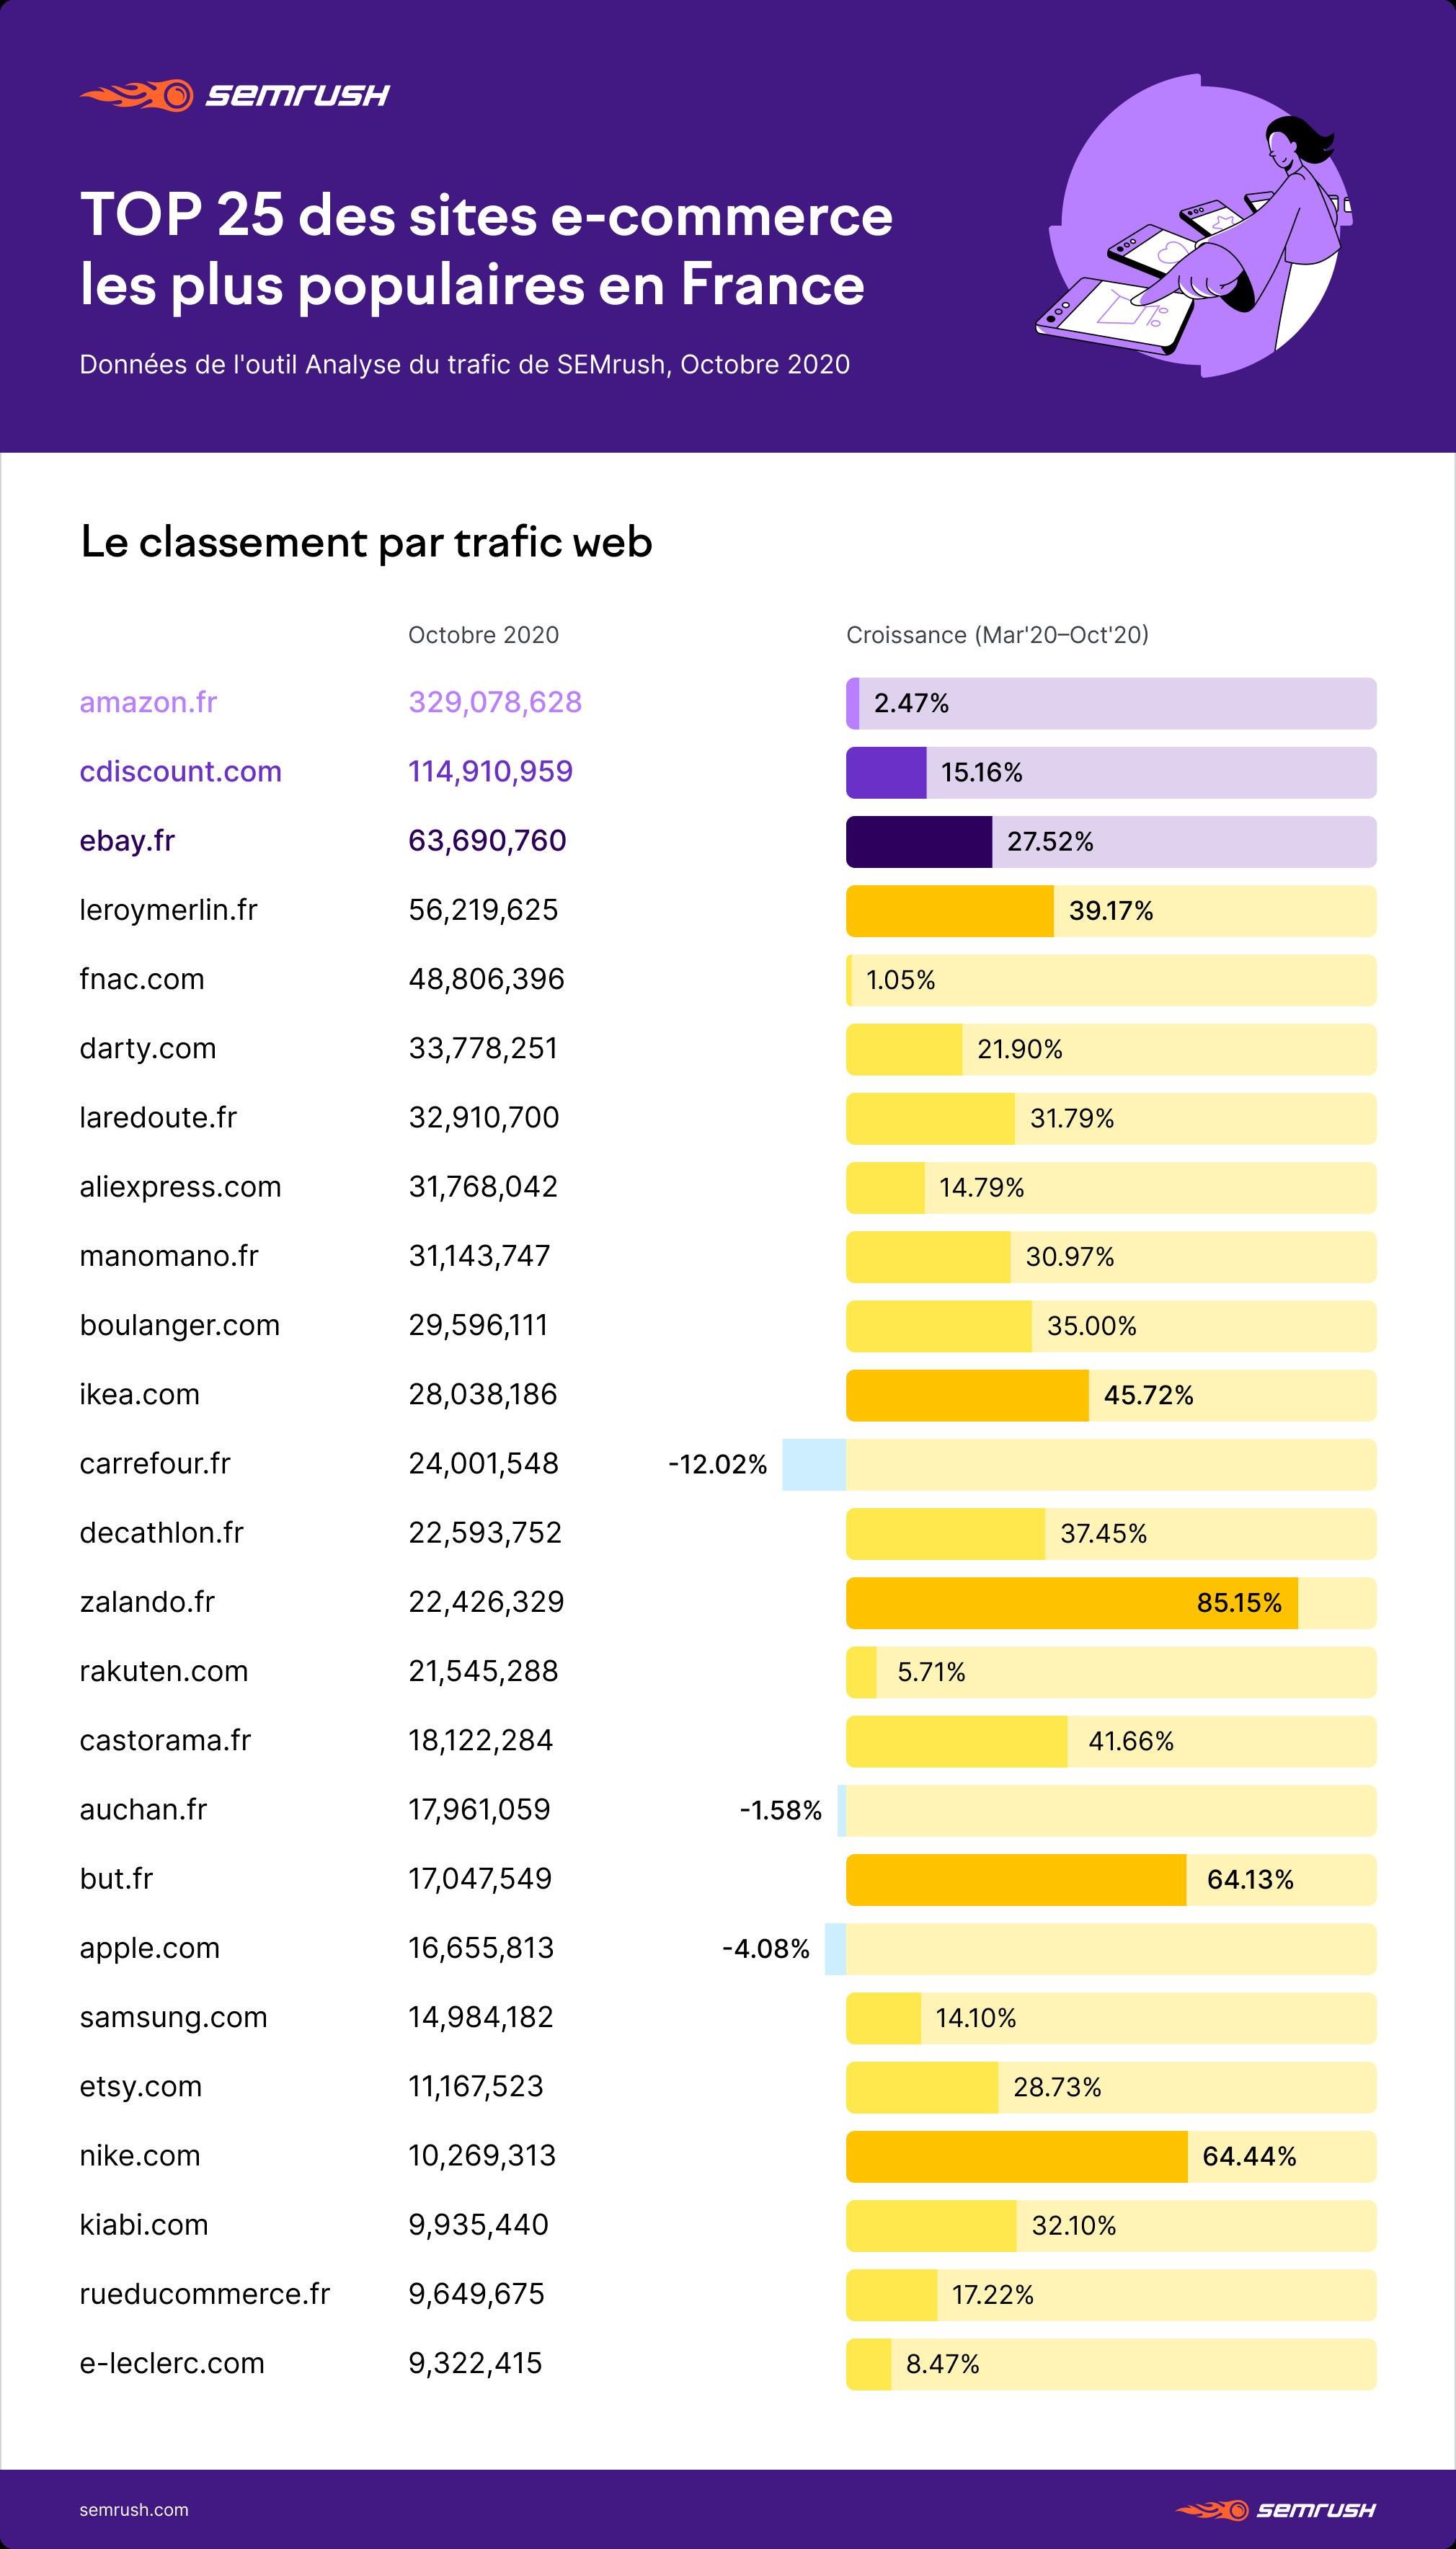 TOP 25 des sites e-commerce les plus populaires sur Google.fr